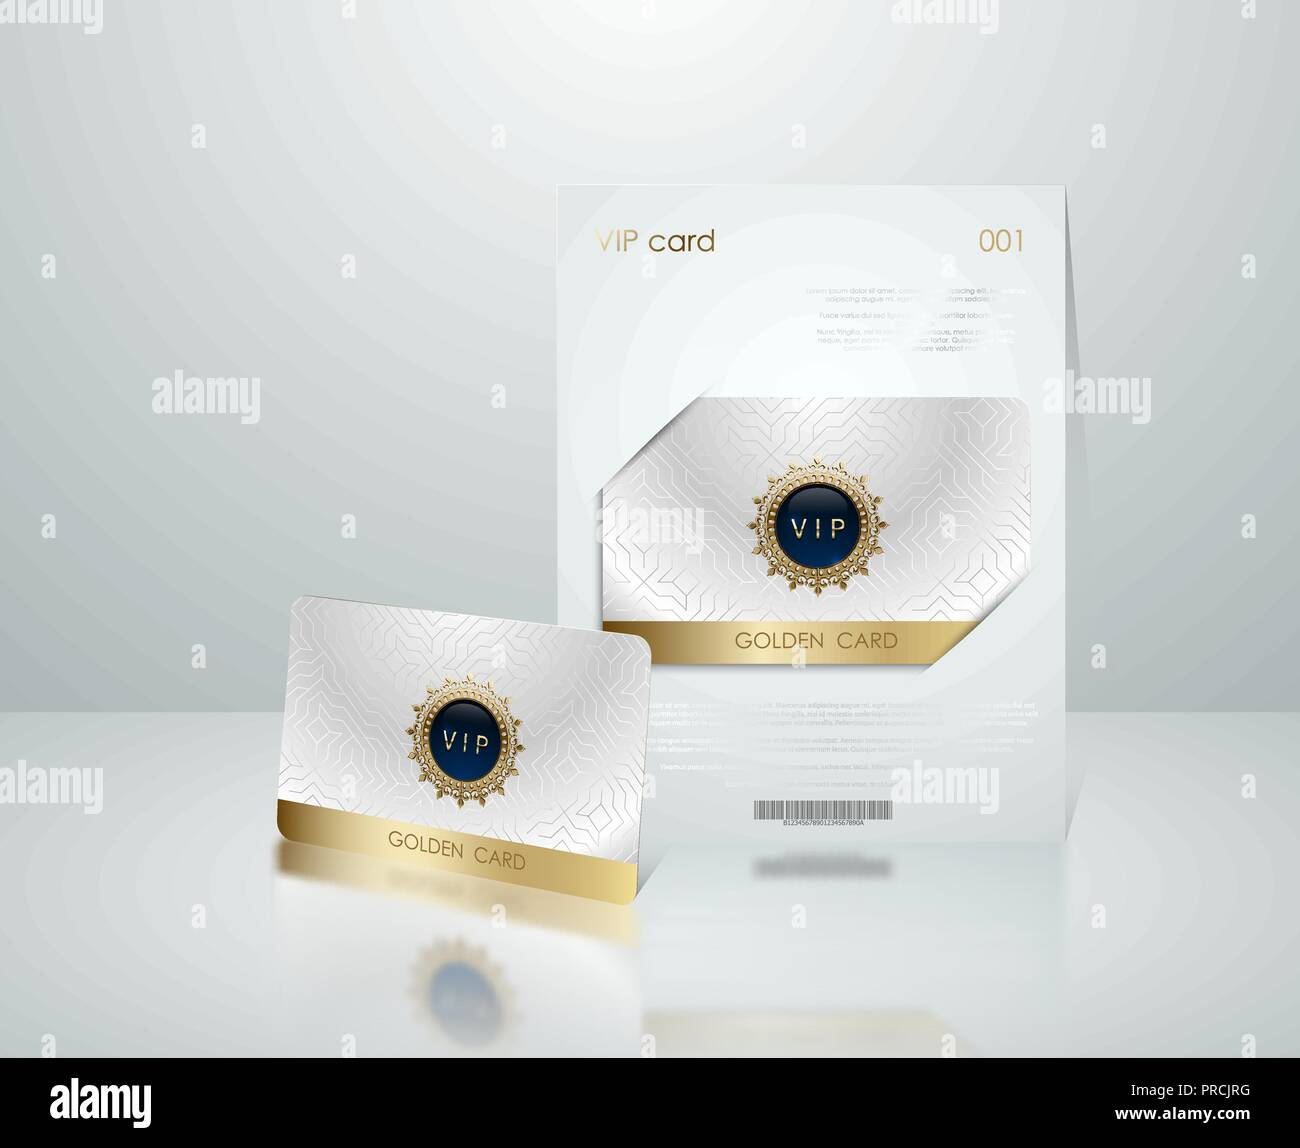 Presentación de la tarjeta vip blanco vectoriales con marco dorado. Membresía VIP o tarjeta de descuento. Tarjeta club de lujo. Cupón Elite Silver. Tarjeta Vip con joya Imagen De Stock